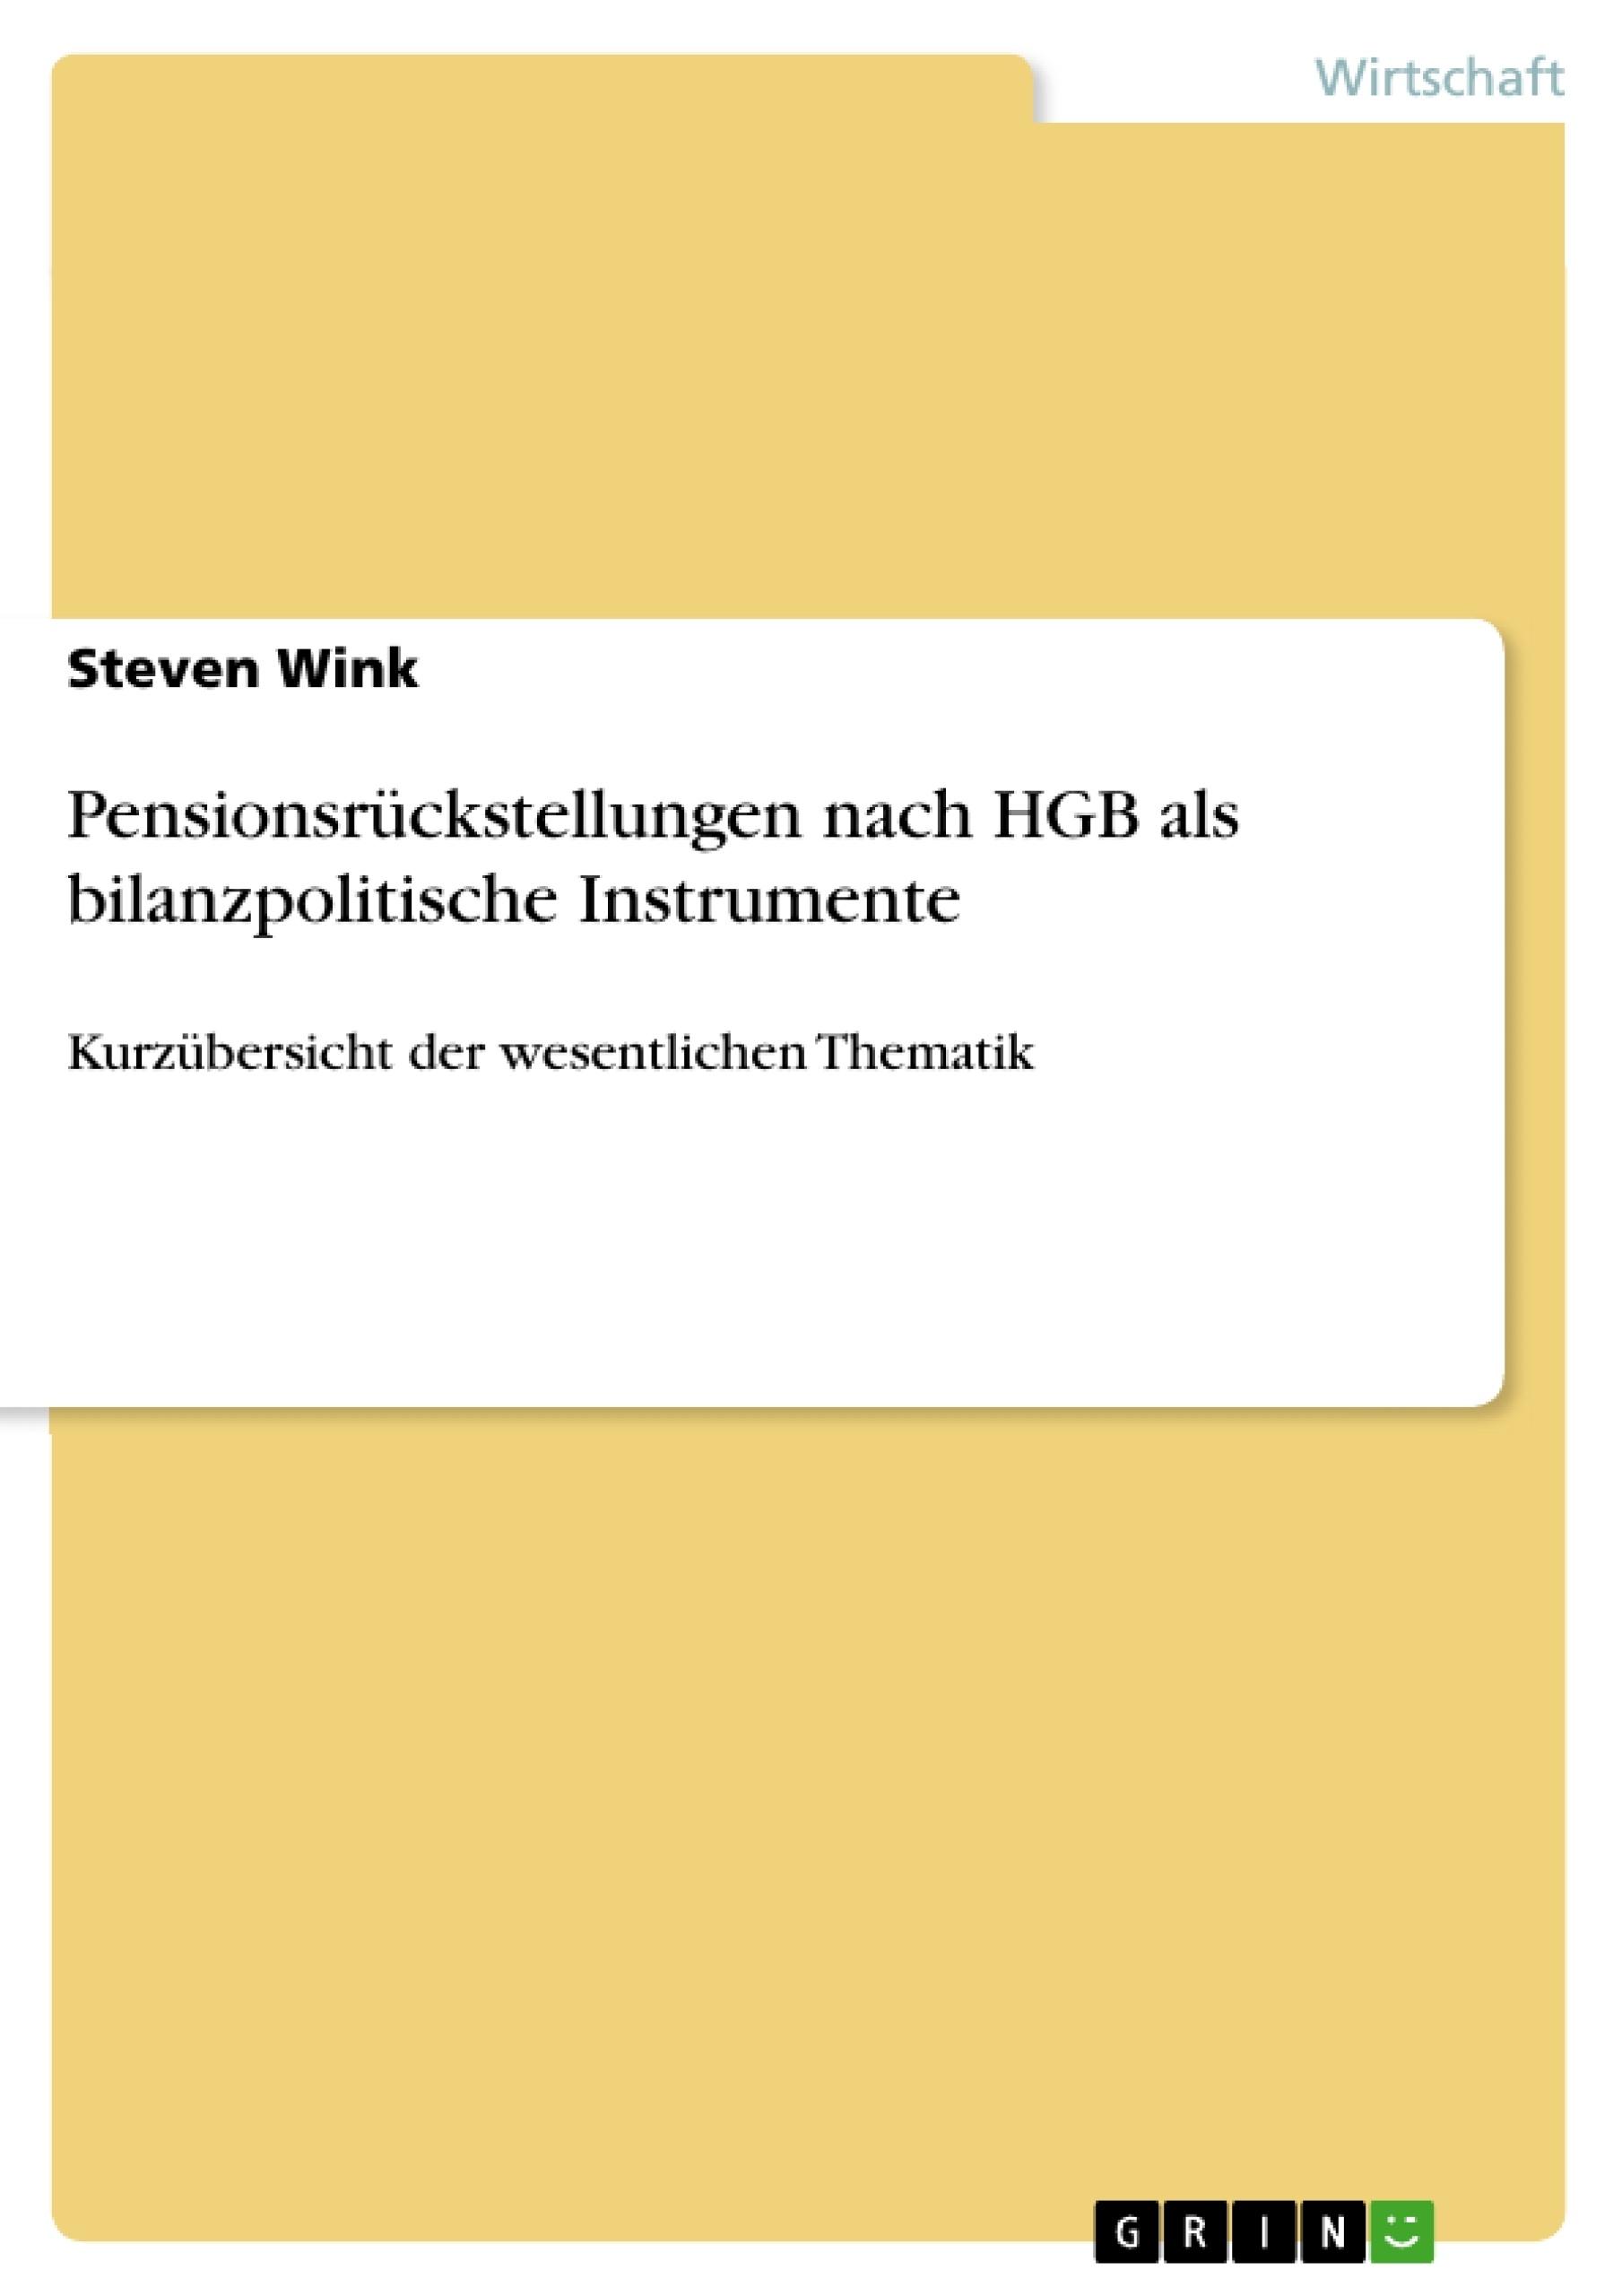 Titel: Pensionsrückstellungen nach HGB als bilanzpolitische Instrumente